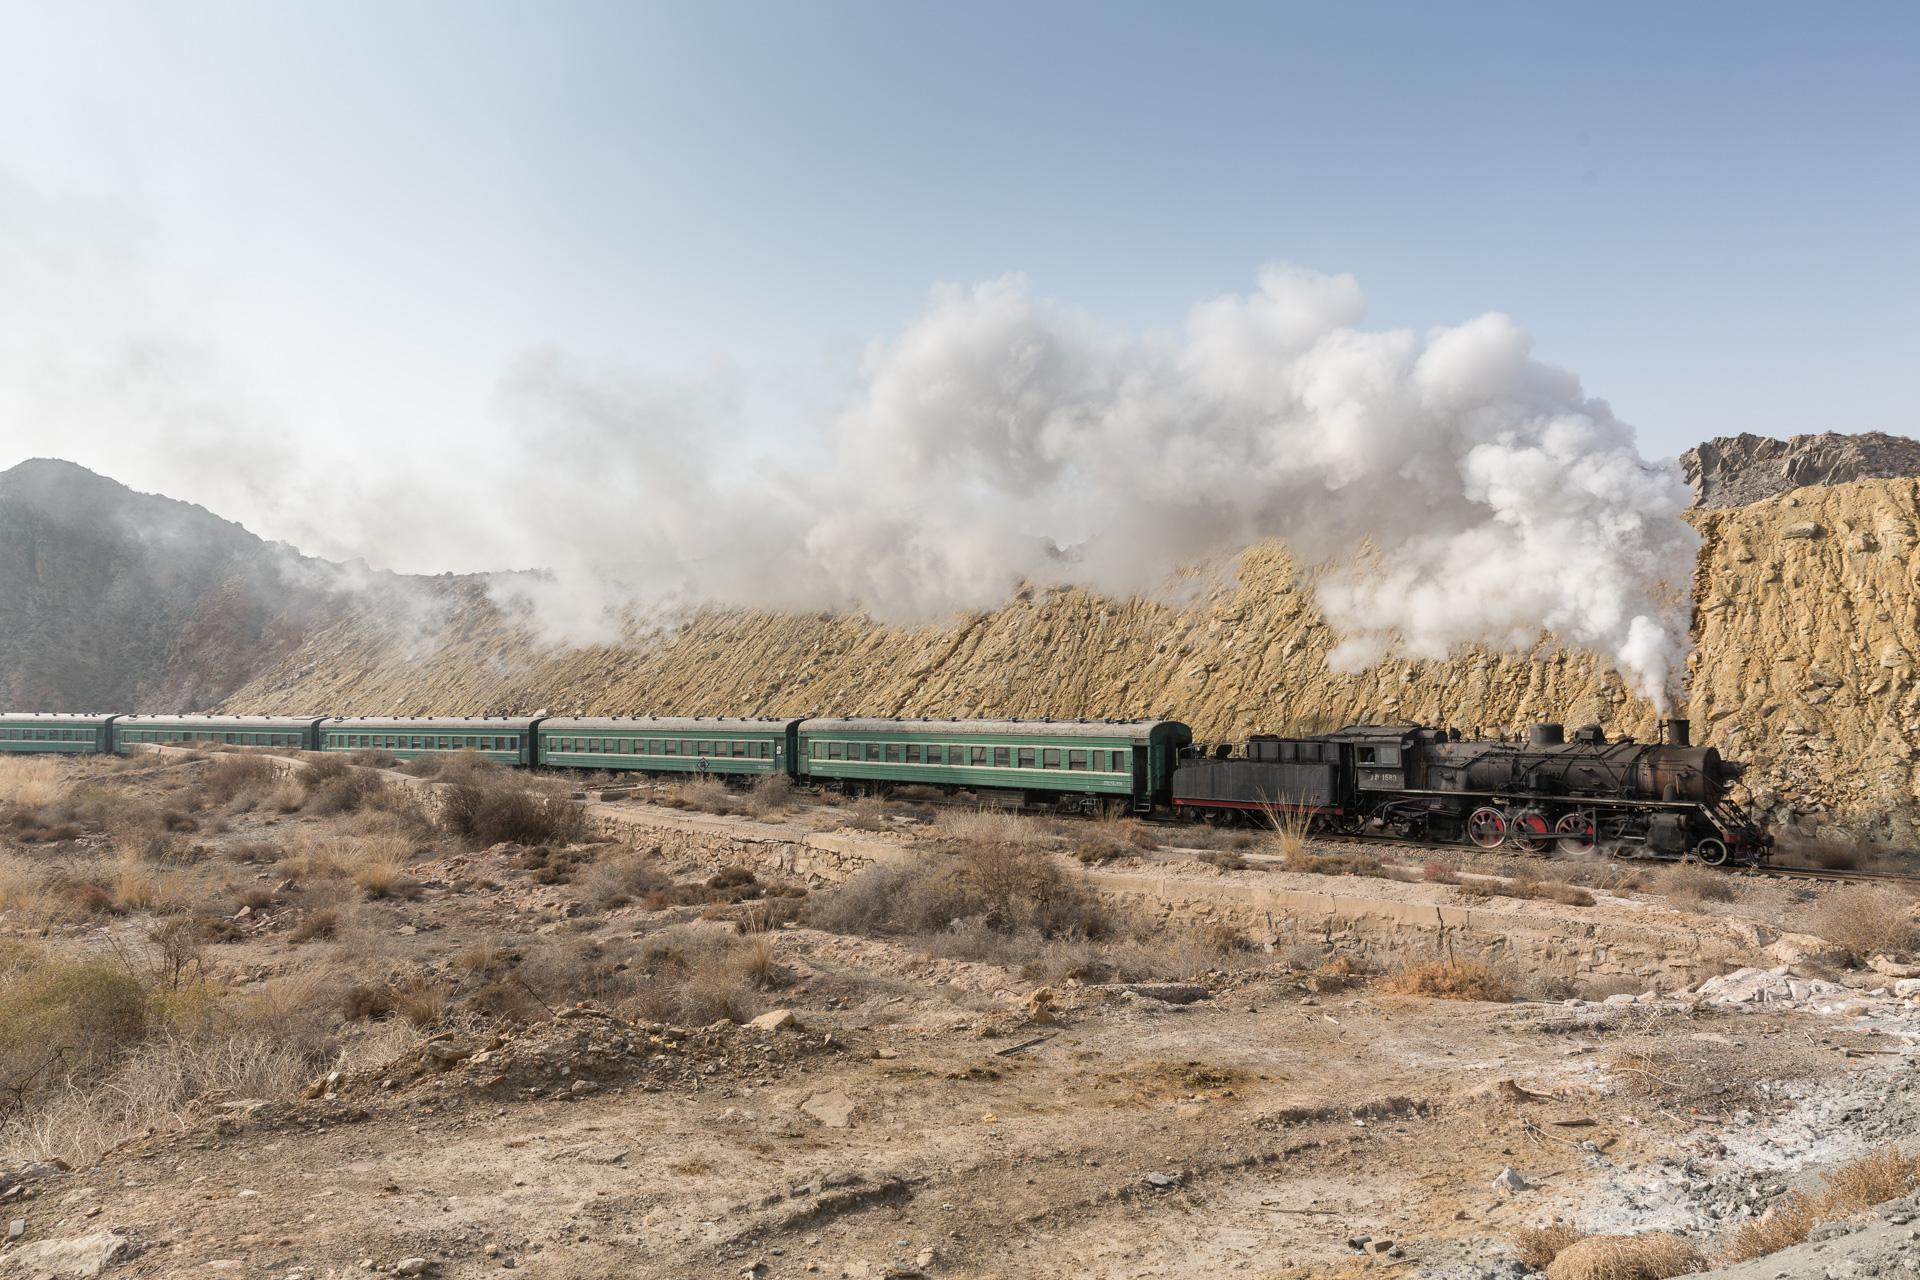 Der wohl allerletzte Personenzug in den Lößbergen von Baiyin auf dem Weg zur Mine. Ende 2015.